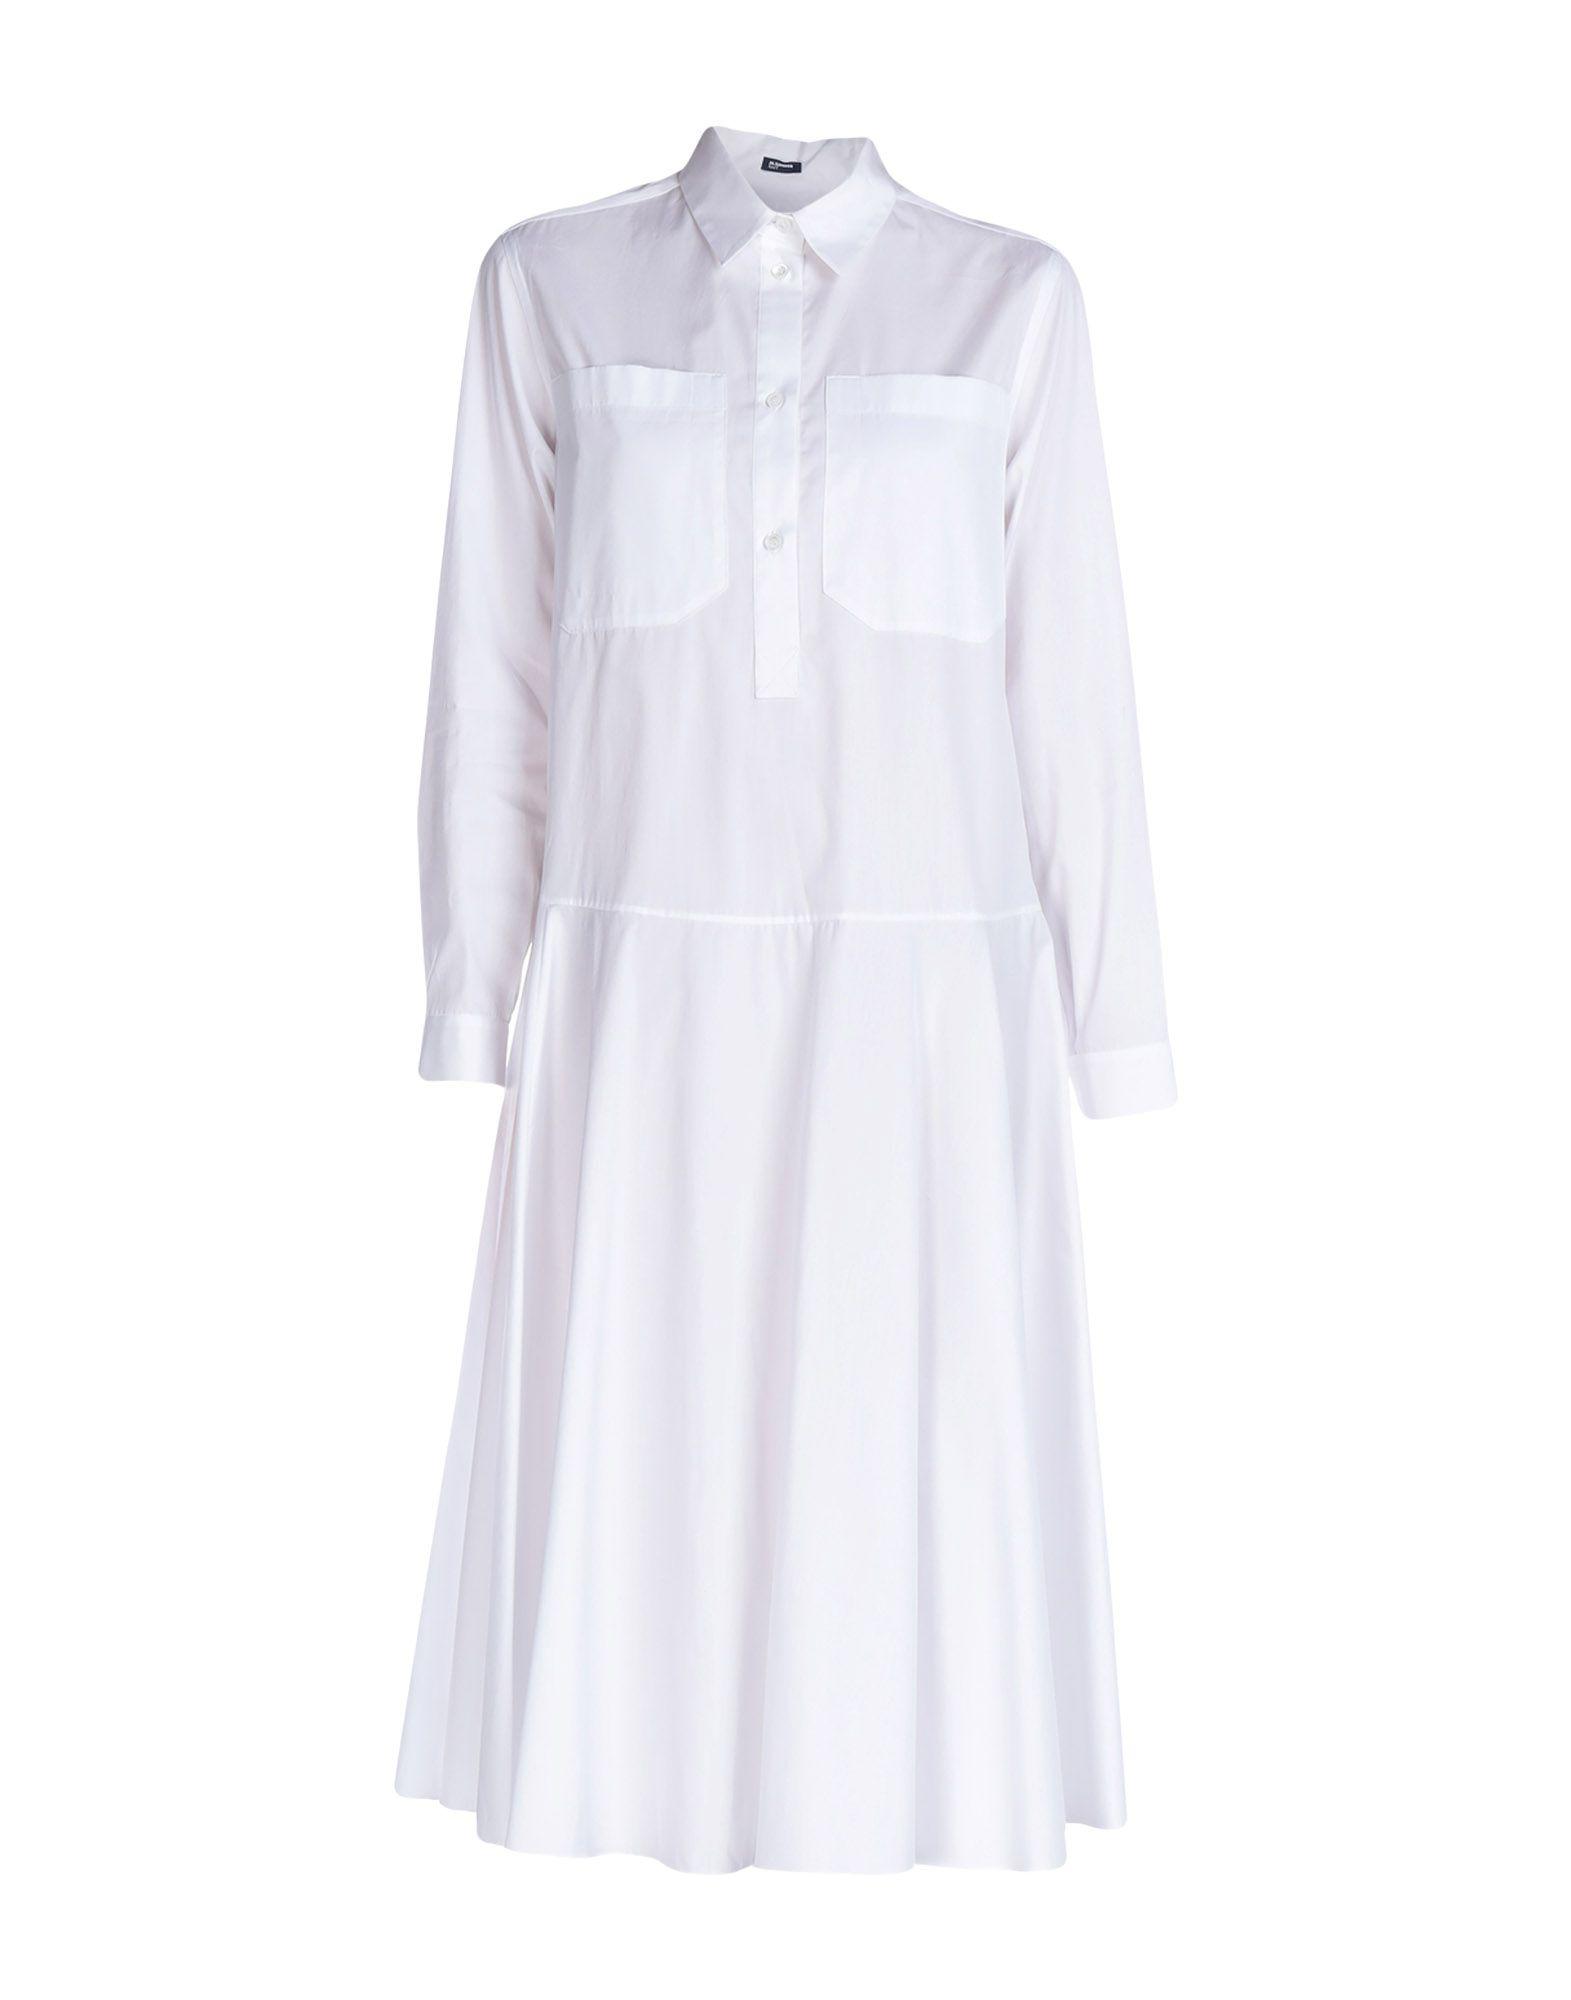 JIL SANDER NAVY Платье длиной 3/4 jil sander navy платье длиной 3 4